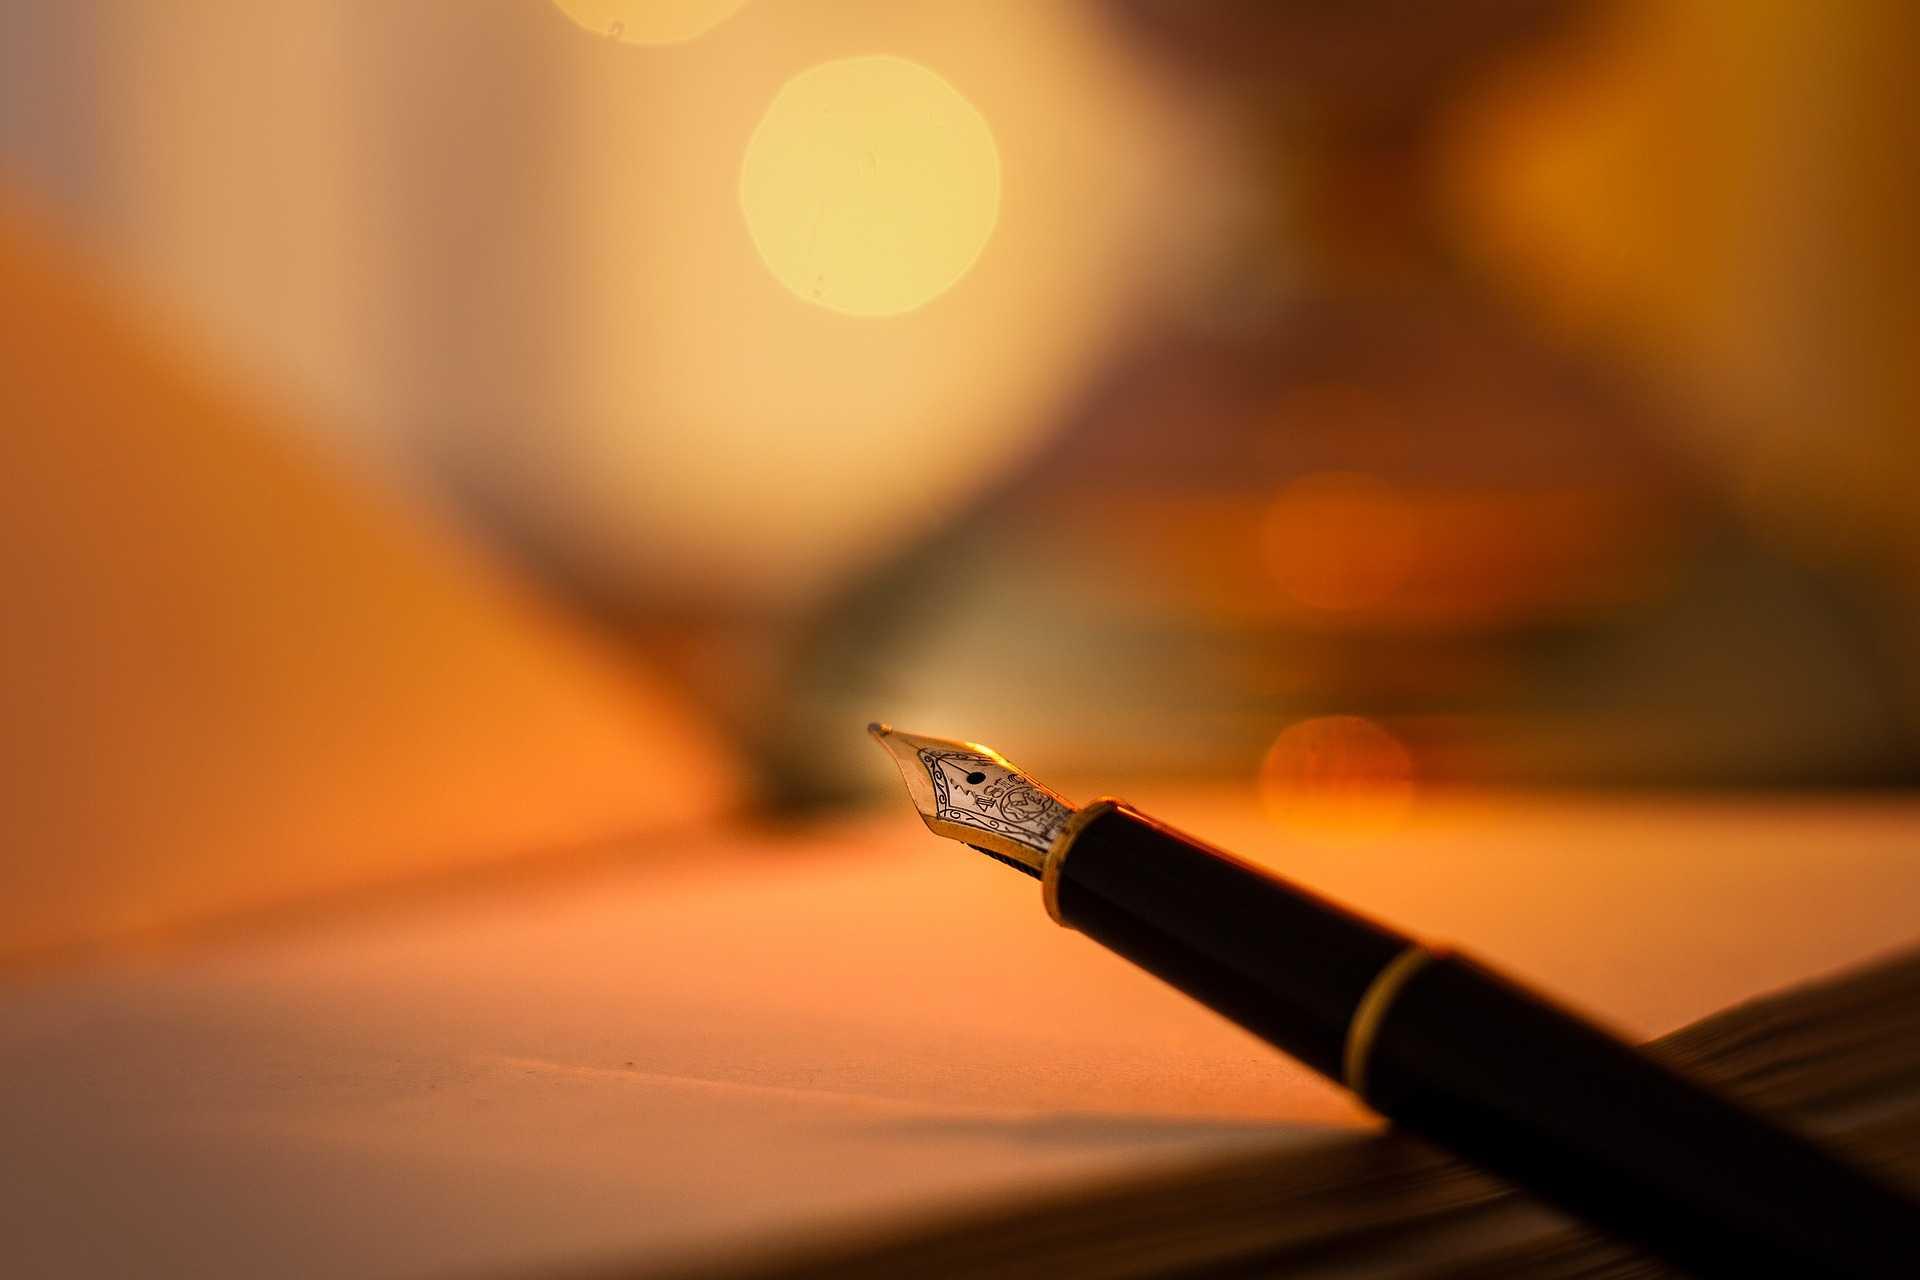 költészet, irodalom, toll, könyv, vers